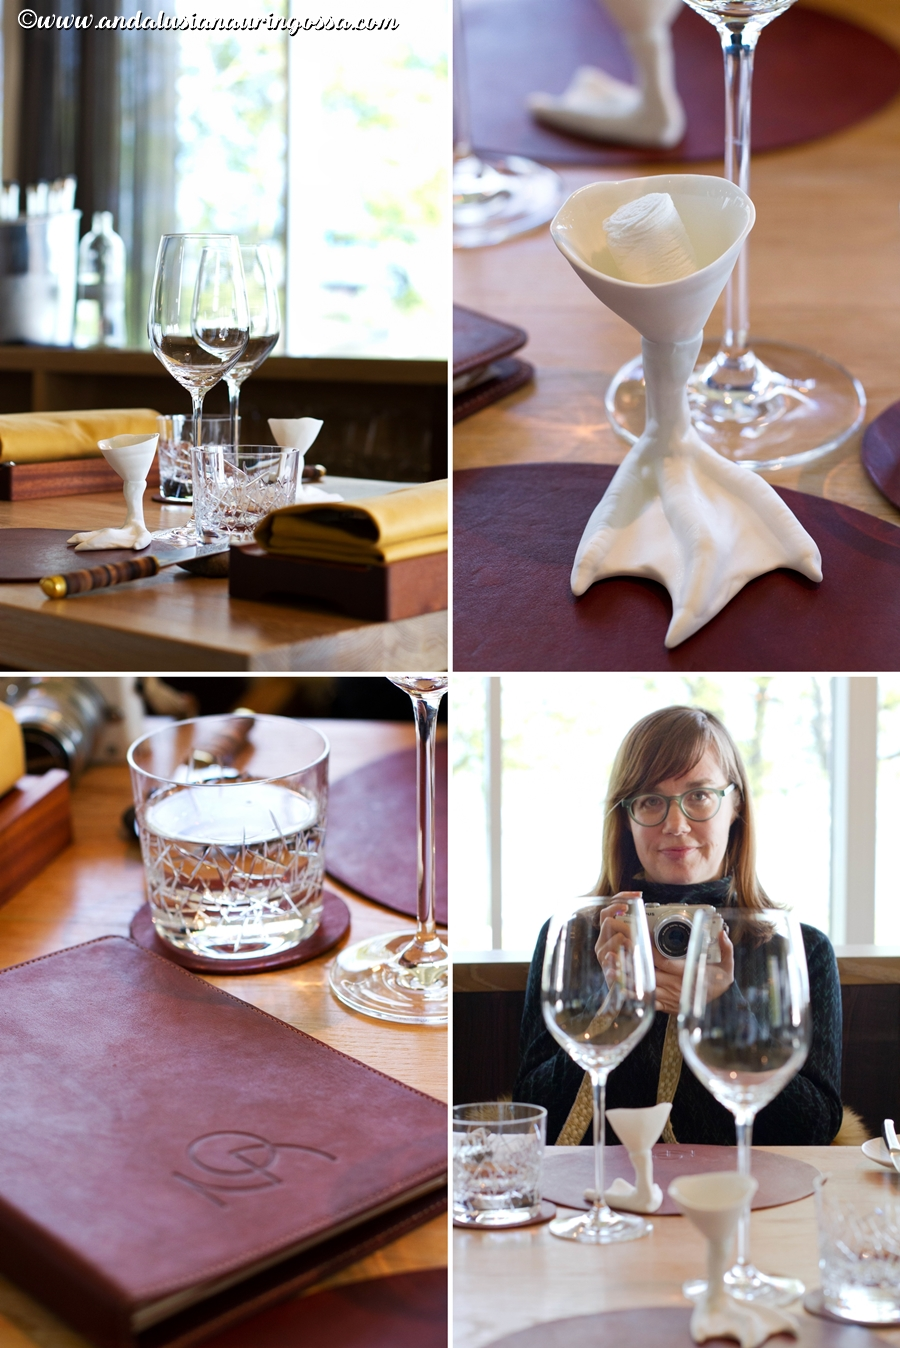 Noa_Tallinna_Tallinnan parhaat ravintolat_Andalusian auringossa_ruokablogi_matkablogi_3